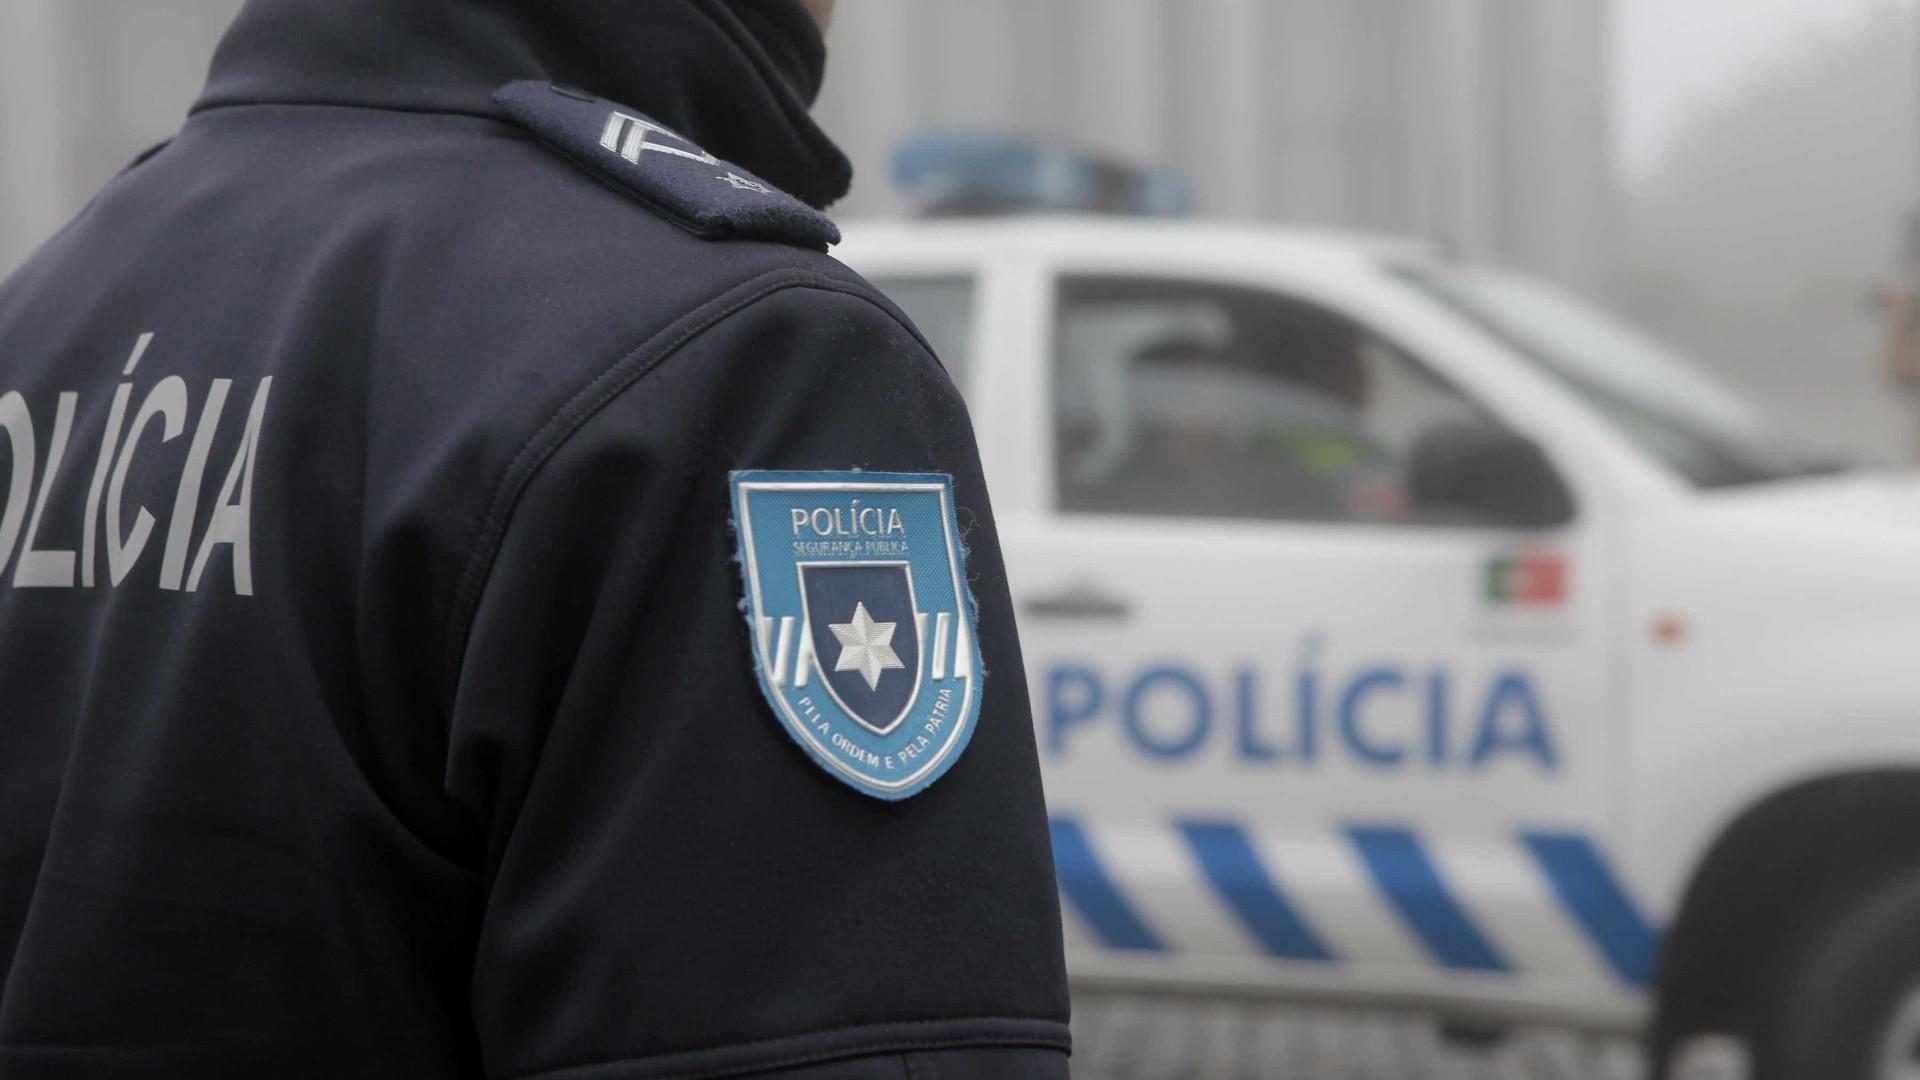 PSP de Lisboa anunciou que fez 28 detenções na sexta-feira